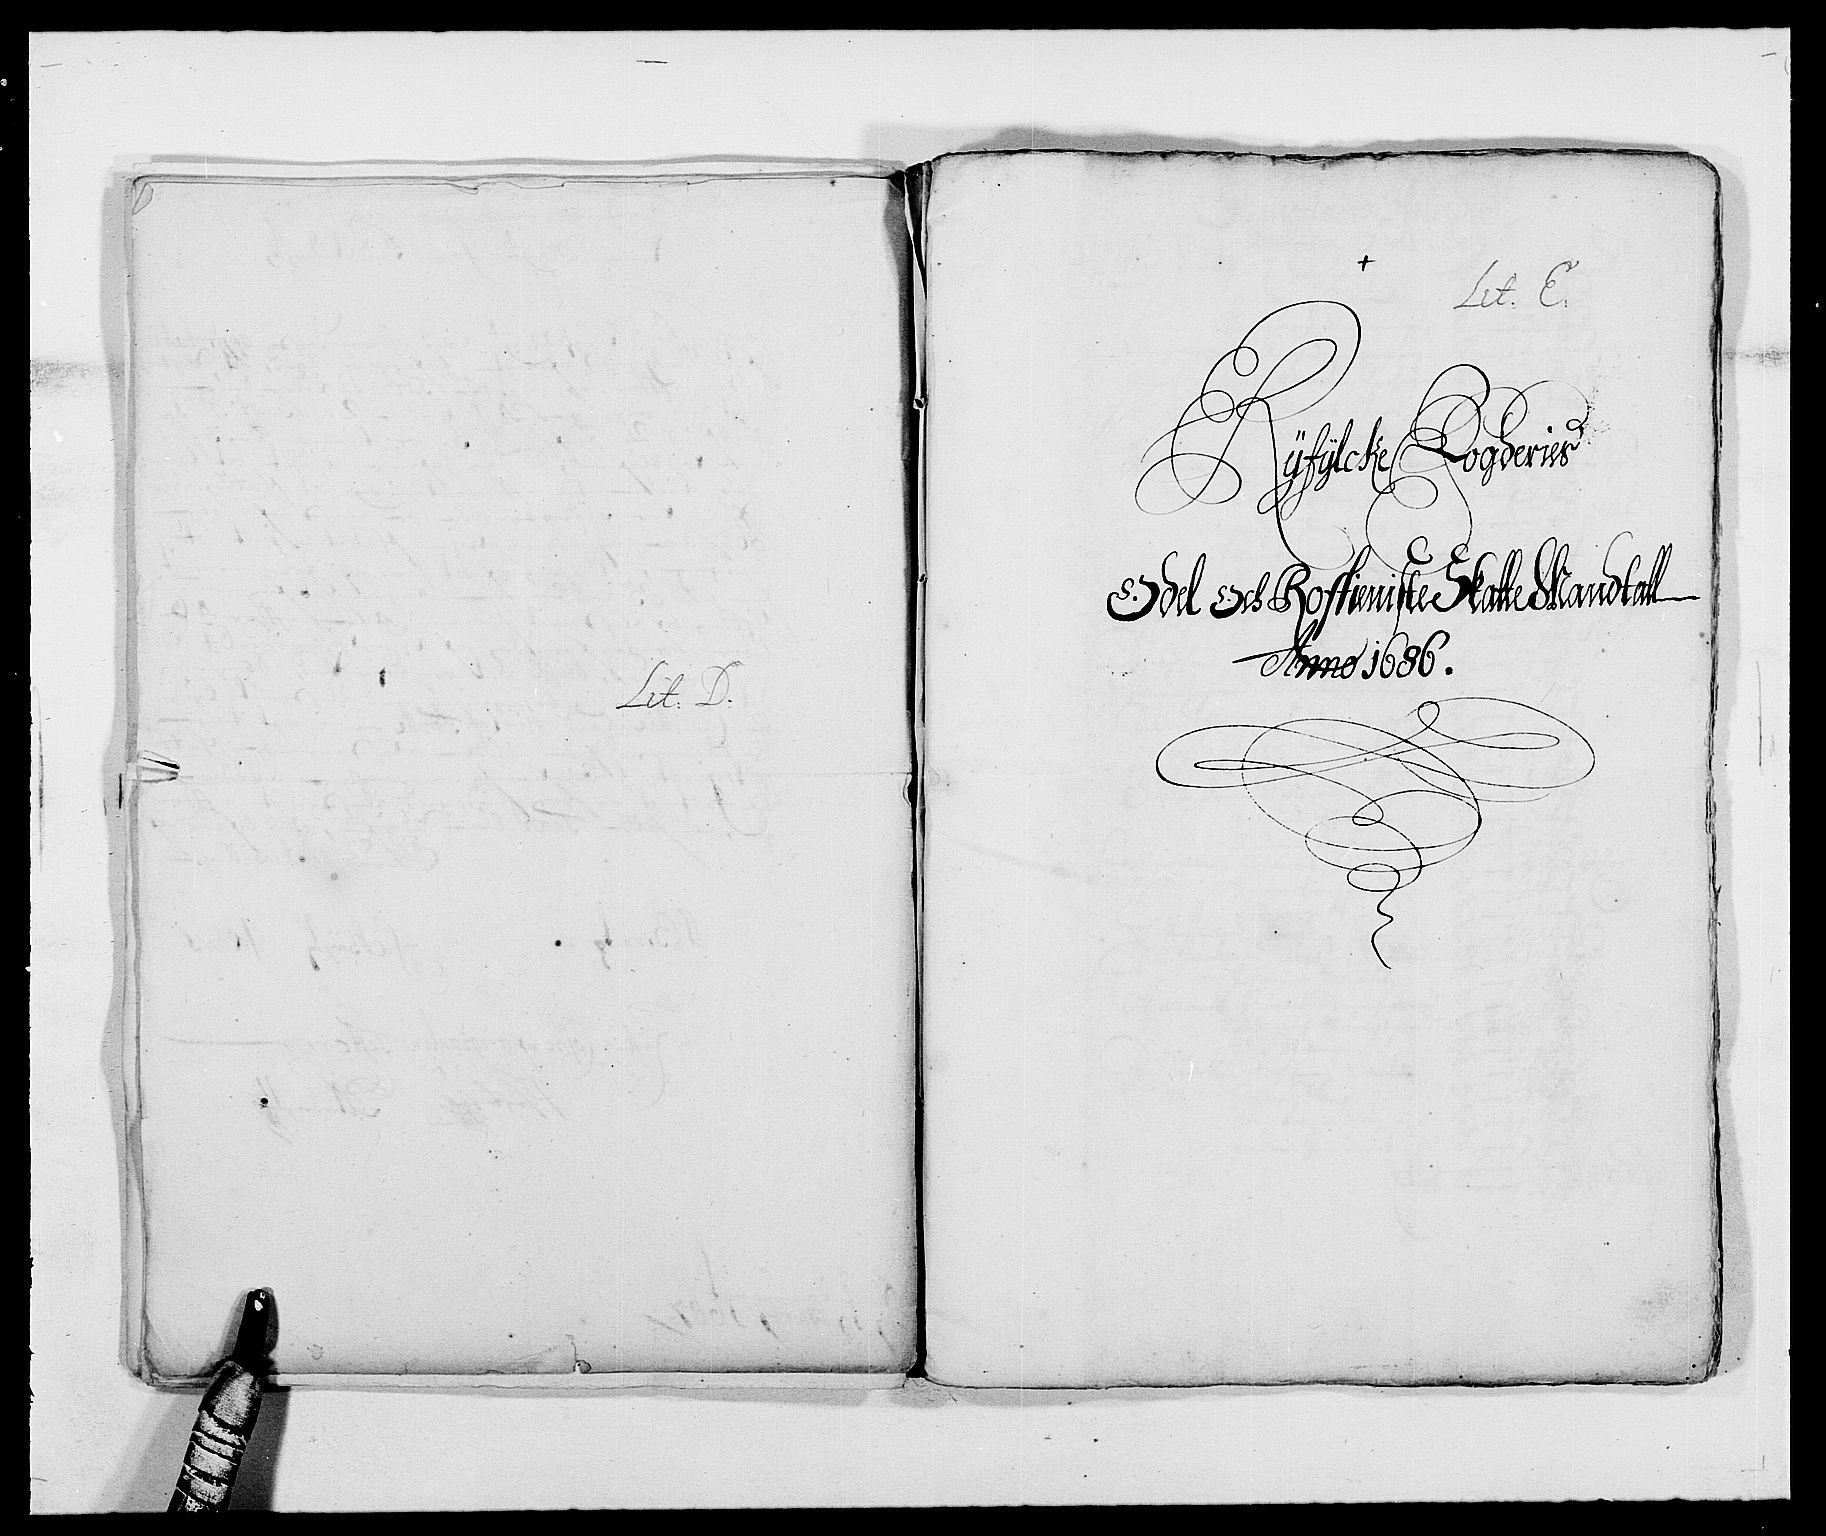 RA, Rentekammeret inntil 1814, Reviderte regnskaper, Fogderegnskap, R47/L2855: Fogderegnskap Ryfylke, 1685-1688, s. 135